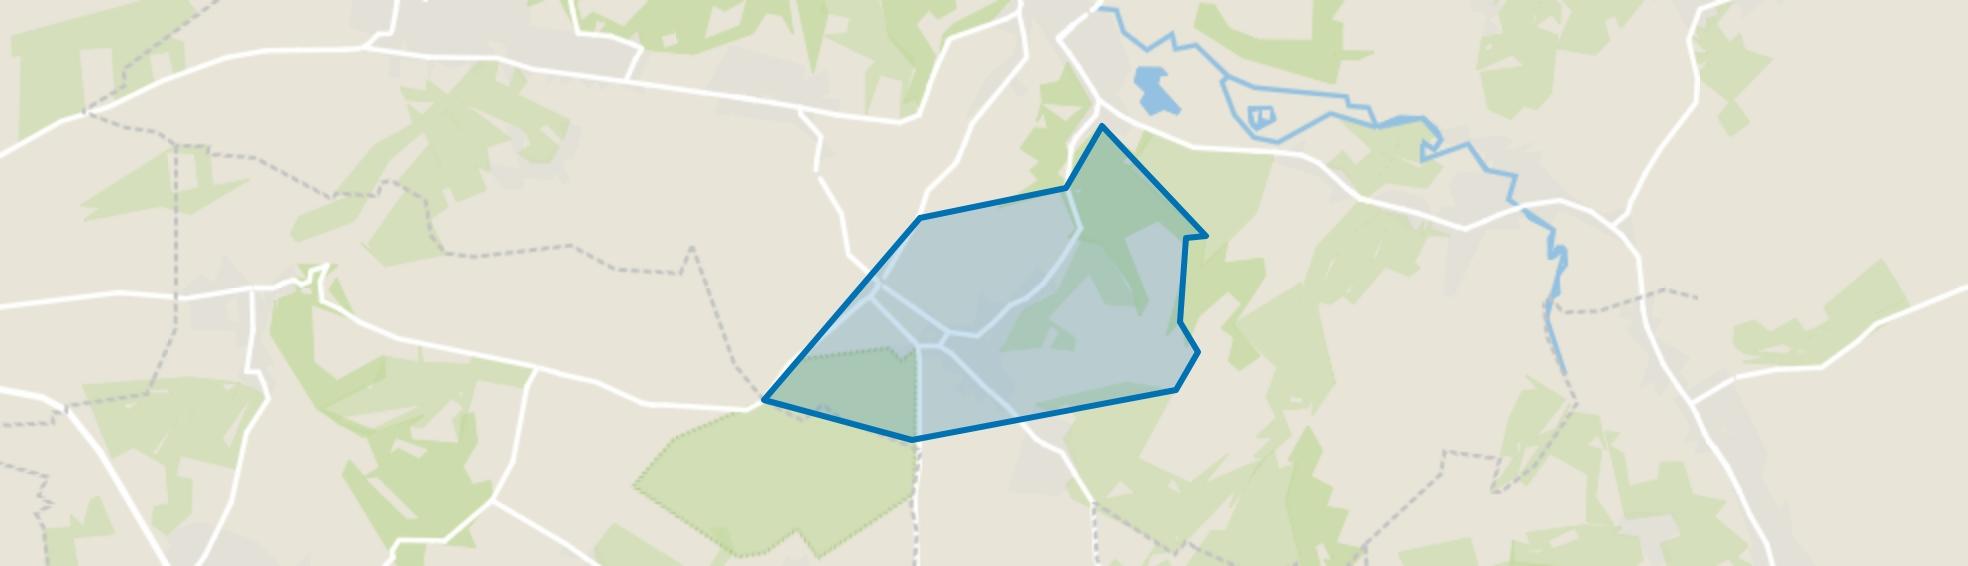 Sibbe, Valkenburg (LI) map